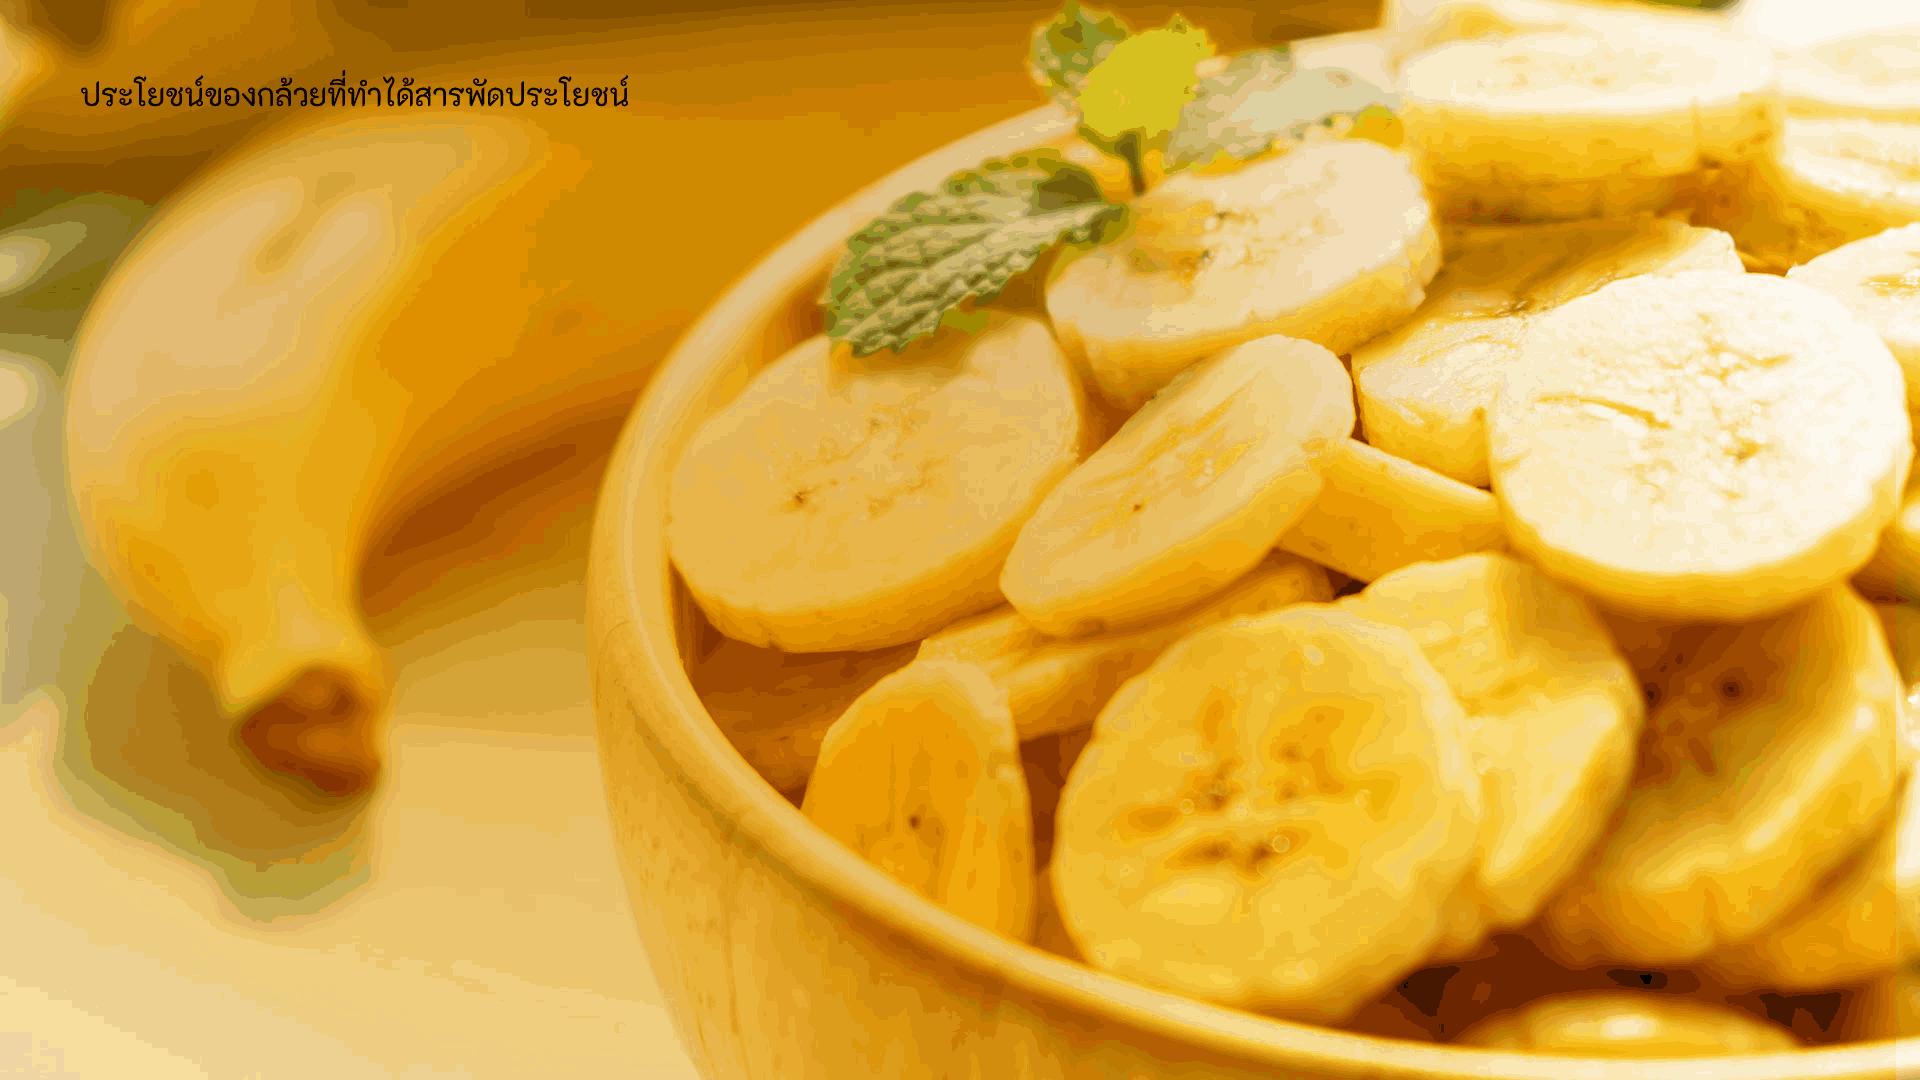 ประโยชน์ของกล้วยที่ทำได้สารพัดประโยชน์